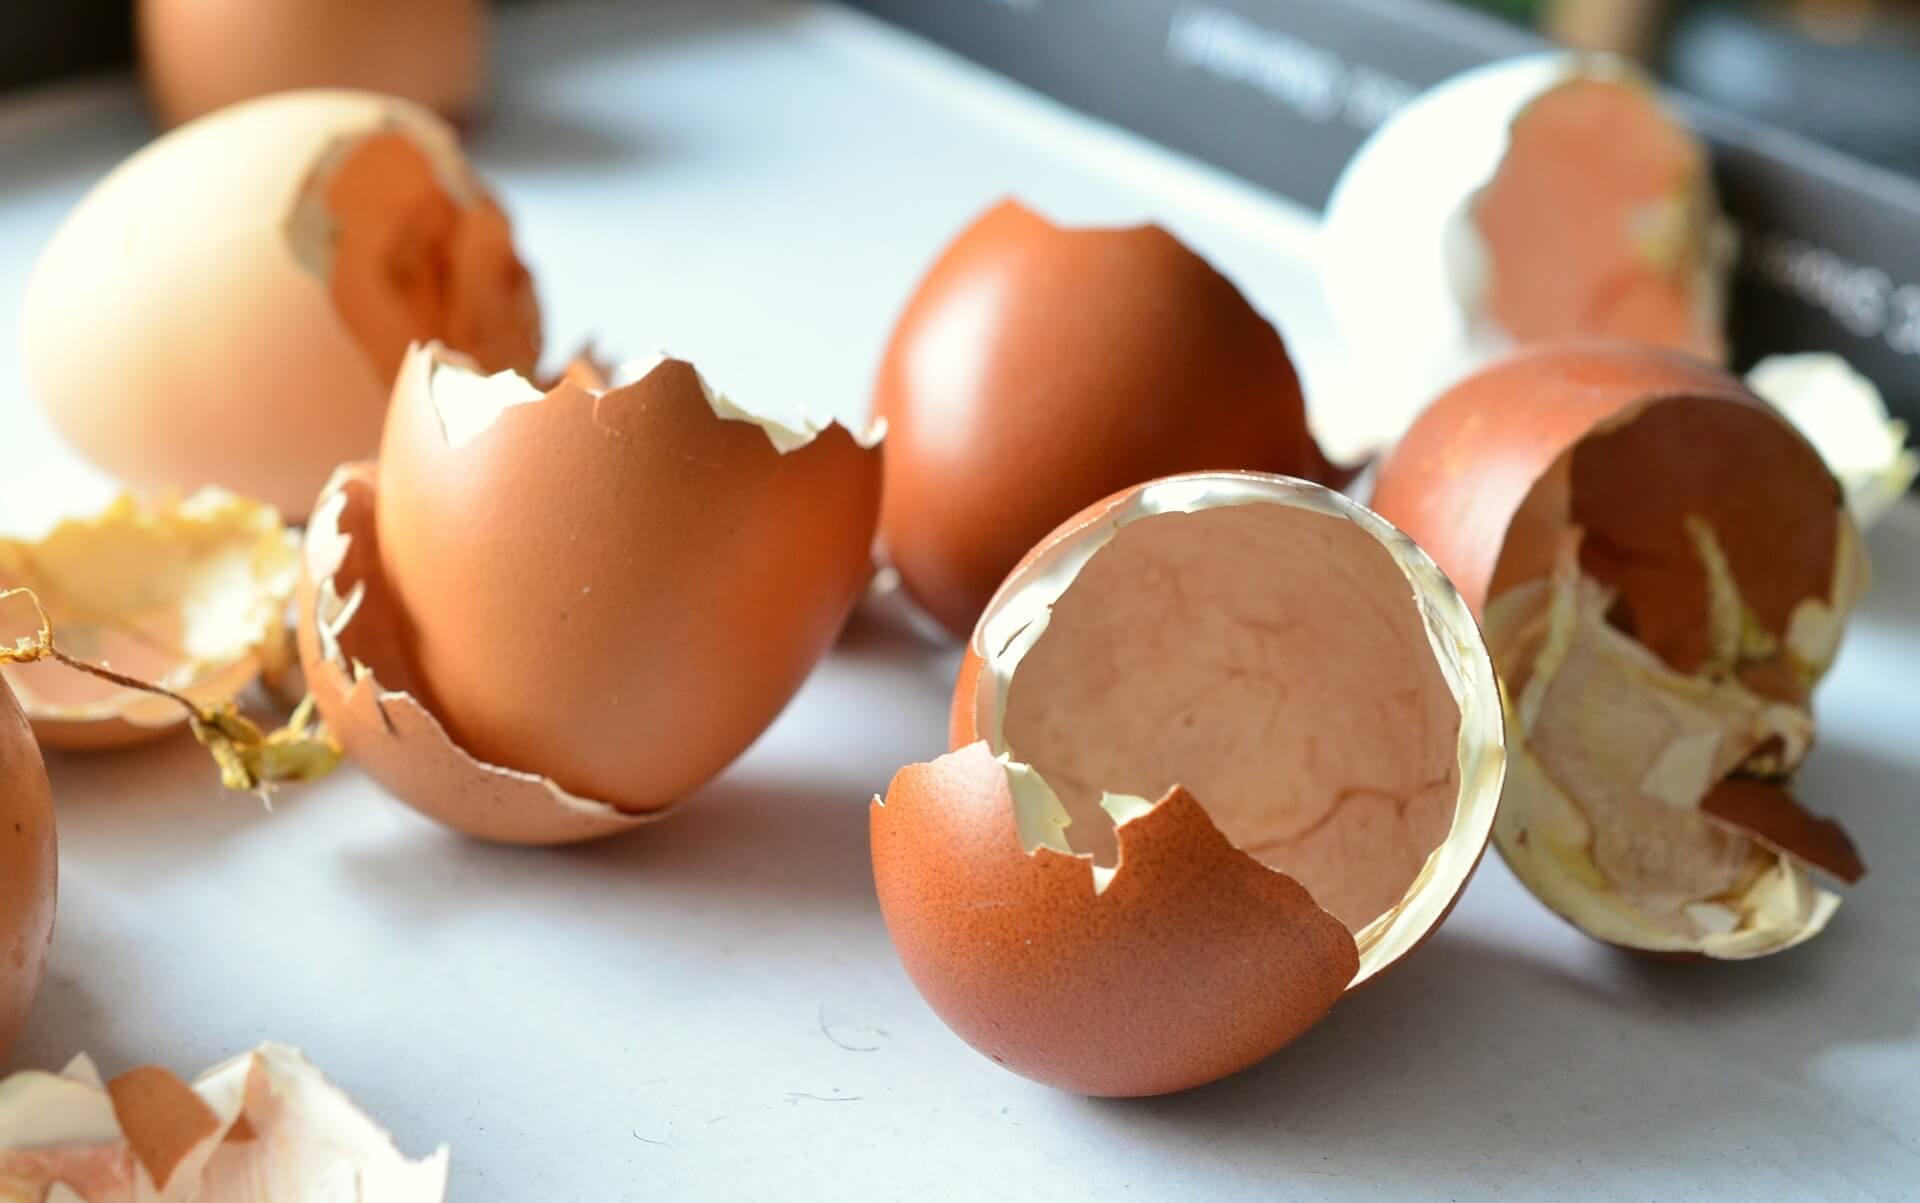 dog ate eggshells